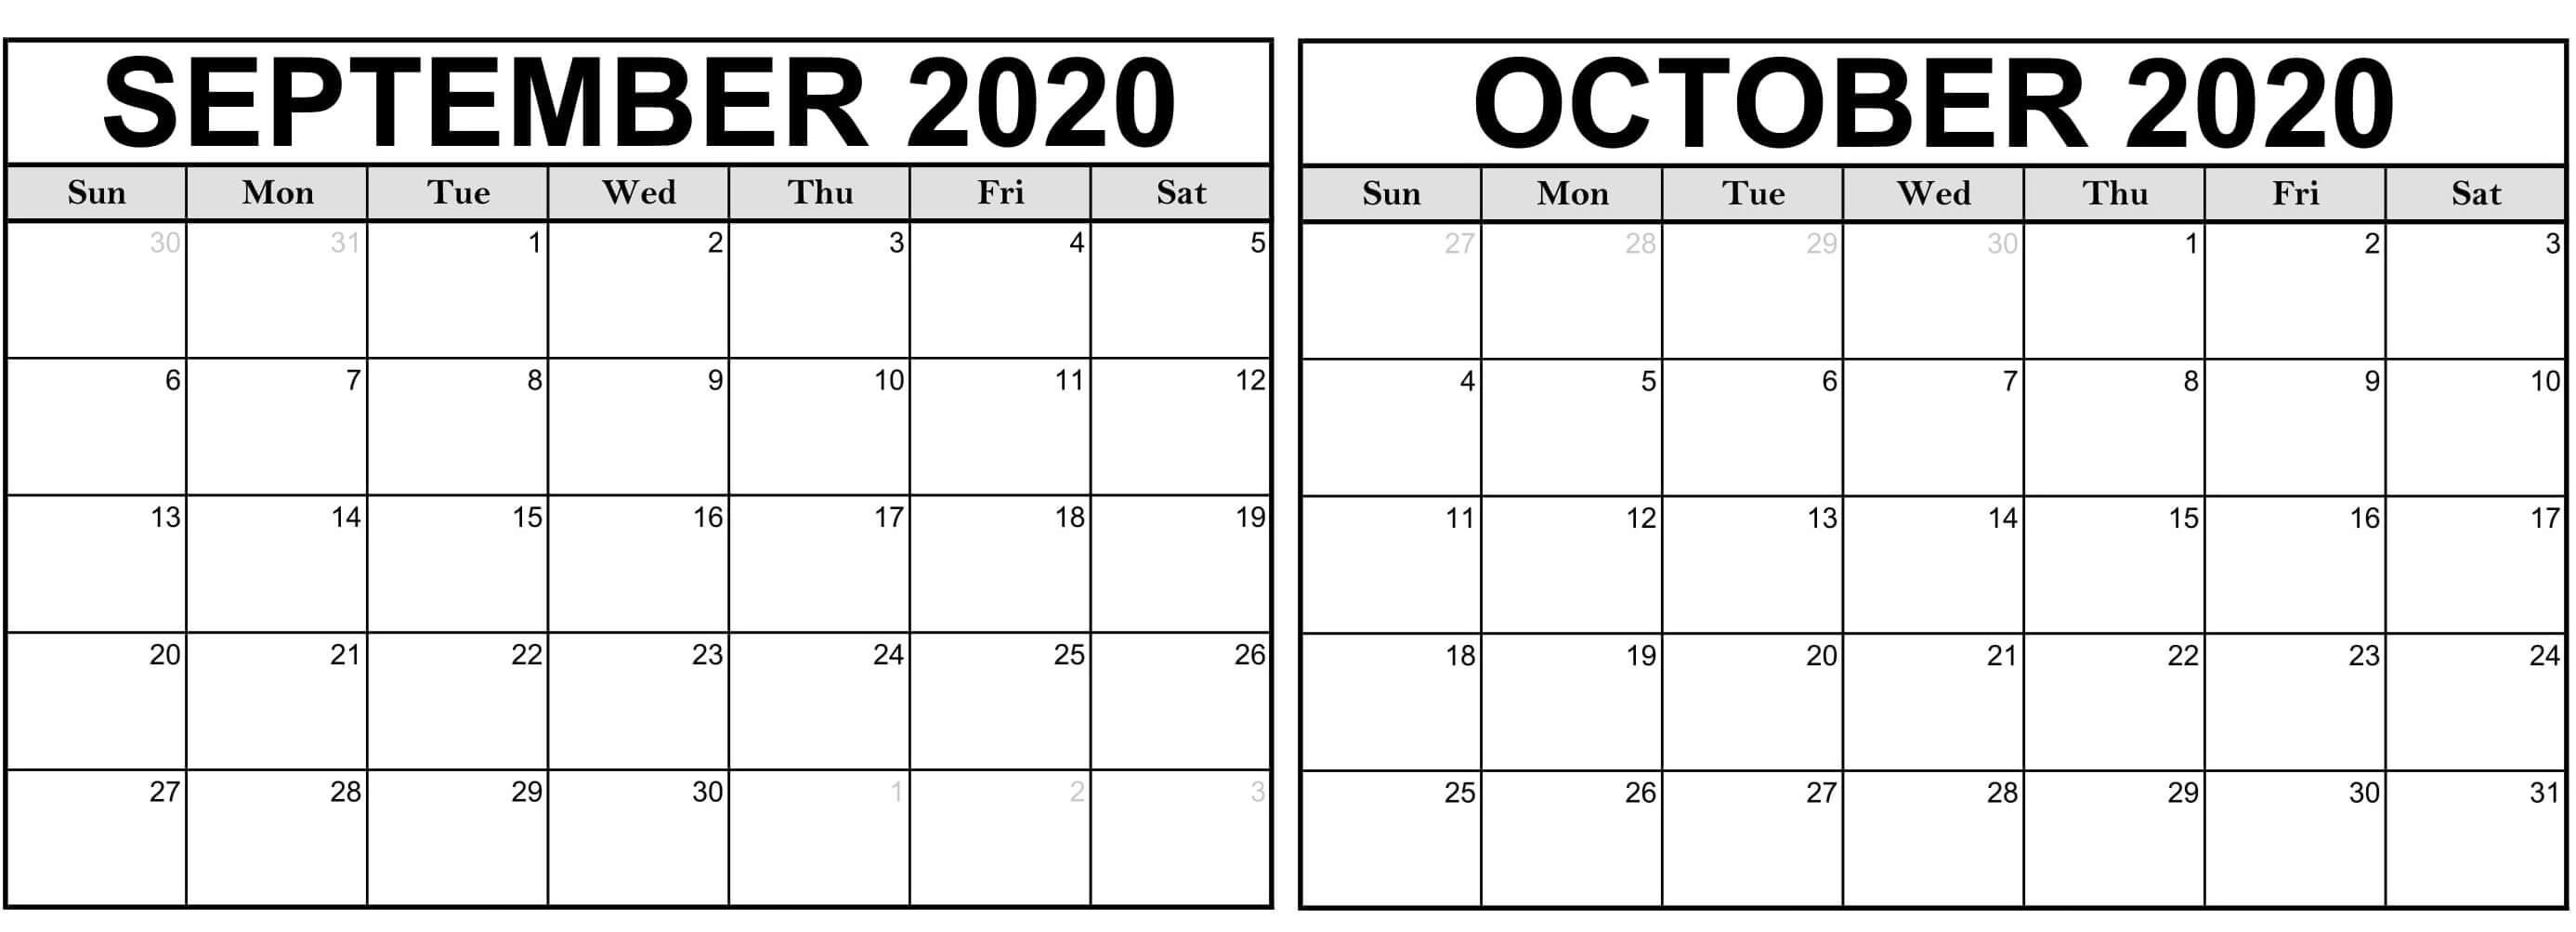 September 2020 To February 2021 Calendar With Notes - 2019 Calendars For Students Education September 2020 To September 2021 Calendar